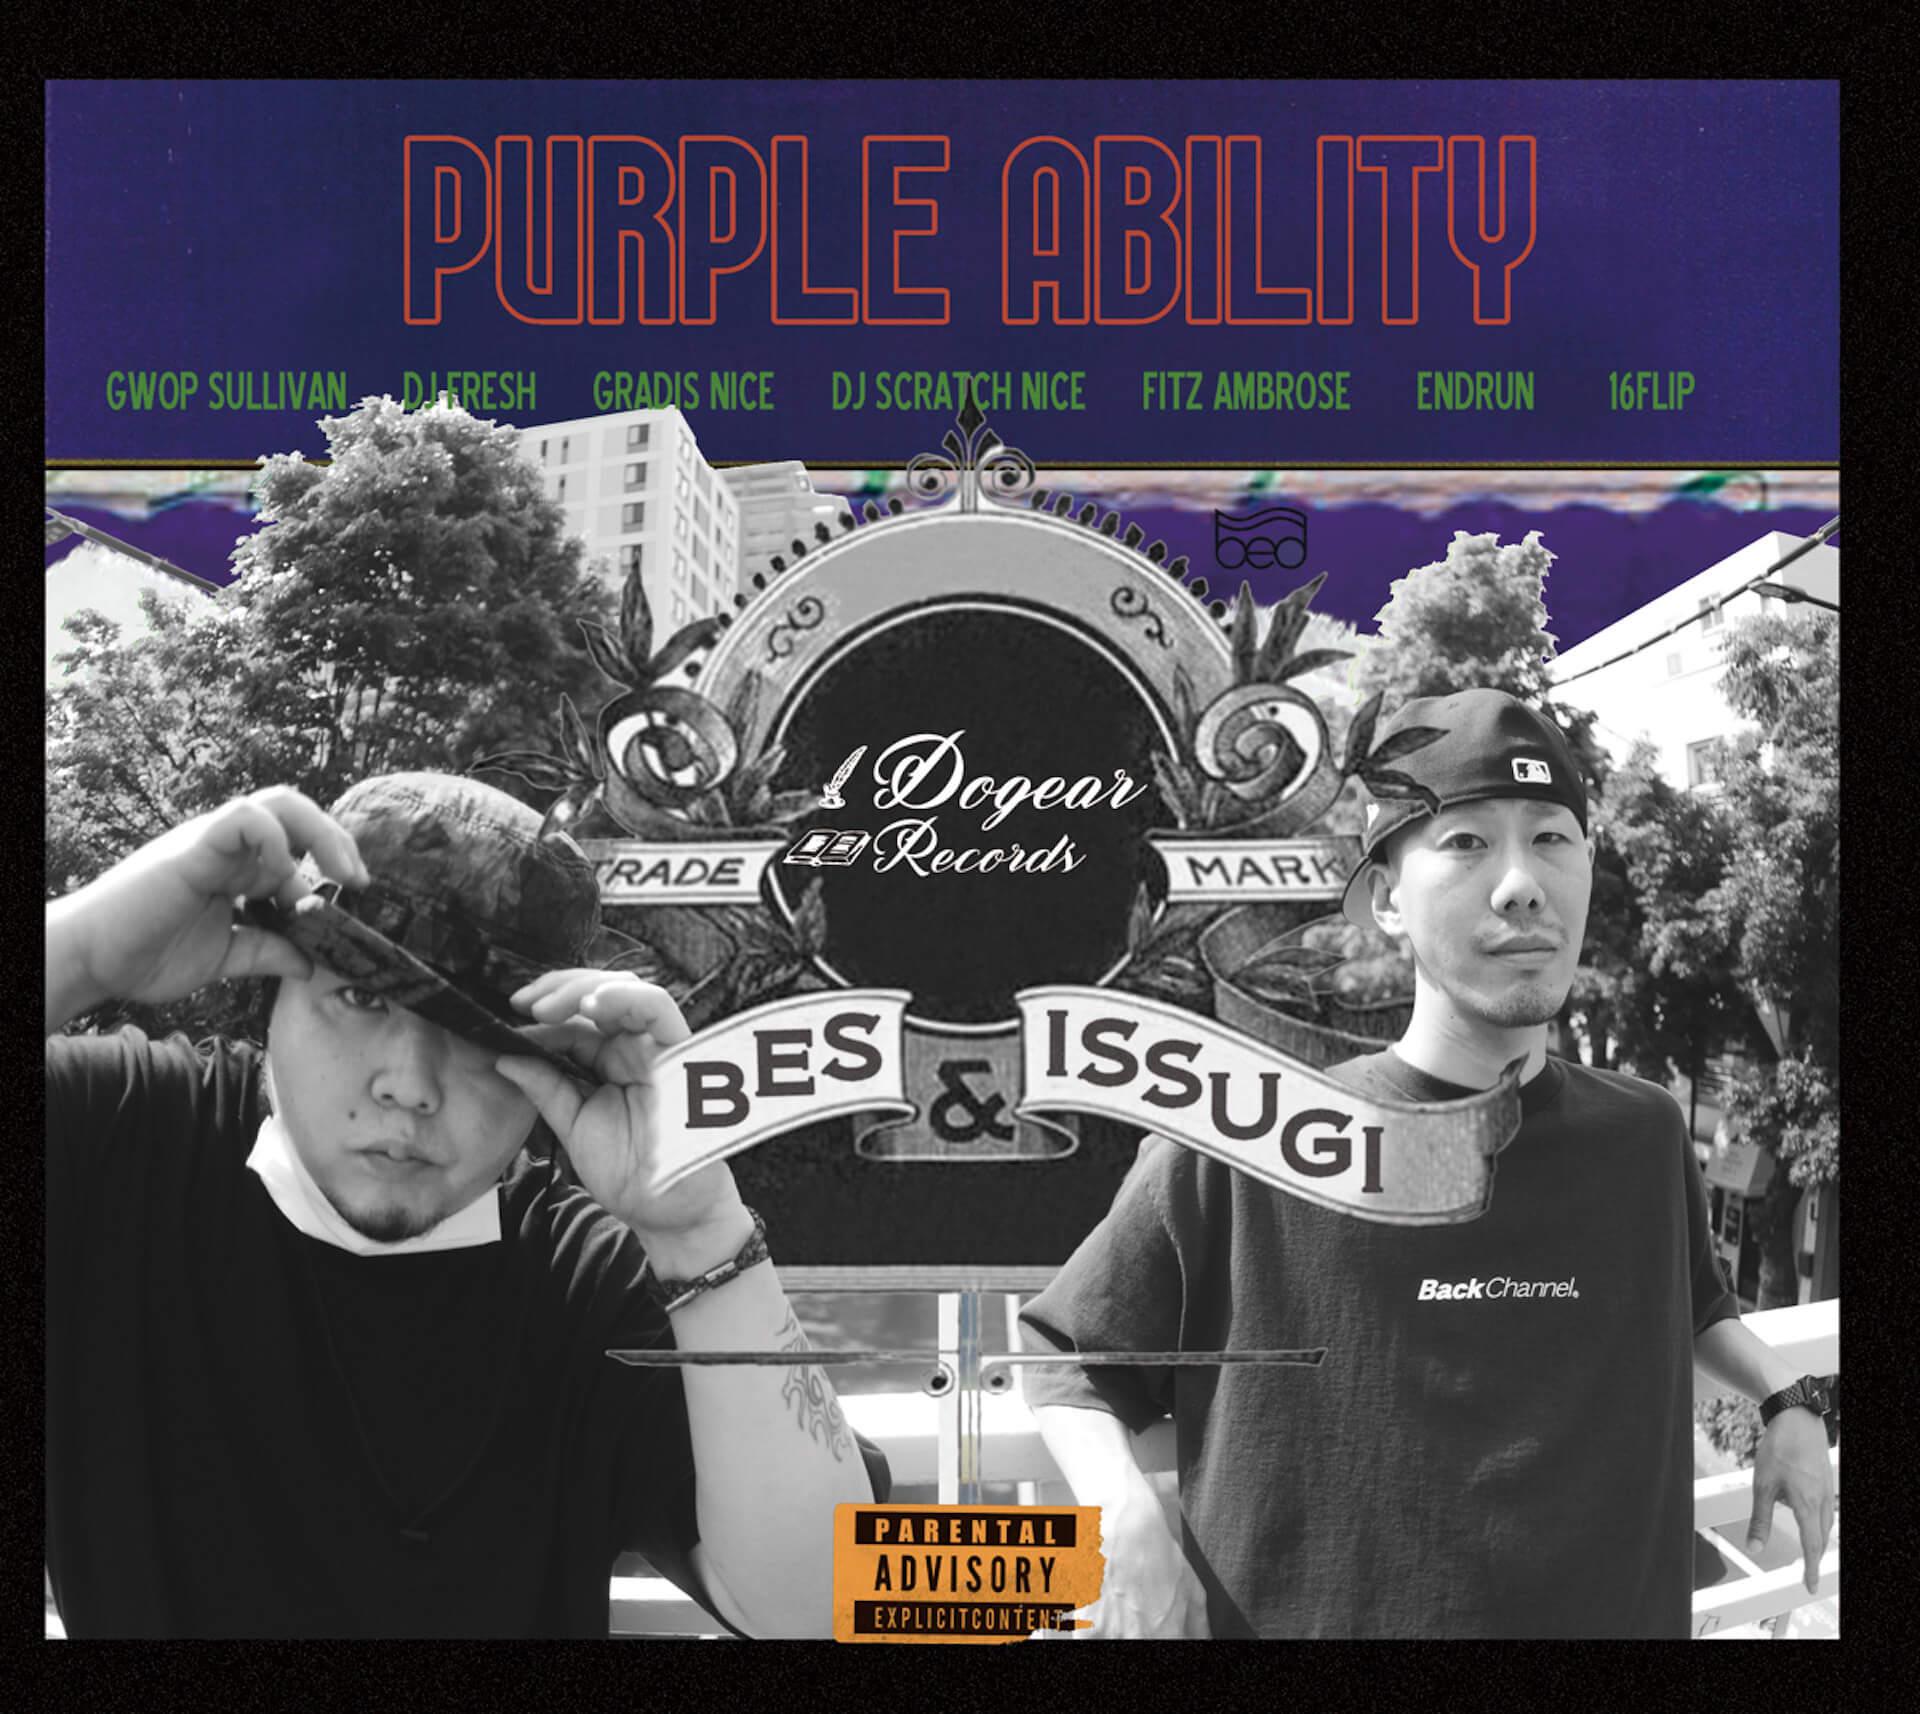 BESとISSUGIによる傑作ジョイントAL第2弾『Purple Ability』のジャケット、ロゴを用いたTシャツが完全限定で発売!予約受付が本日よりスタート! music200703_bes_issugi_1